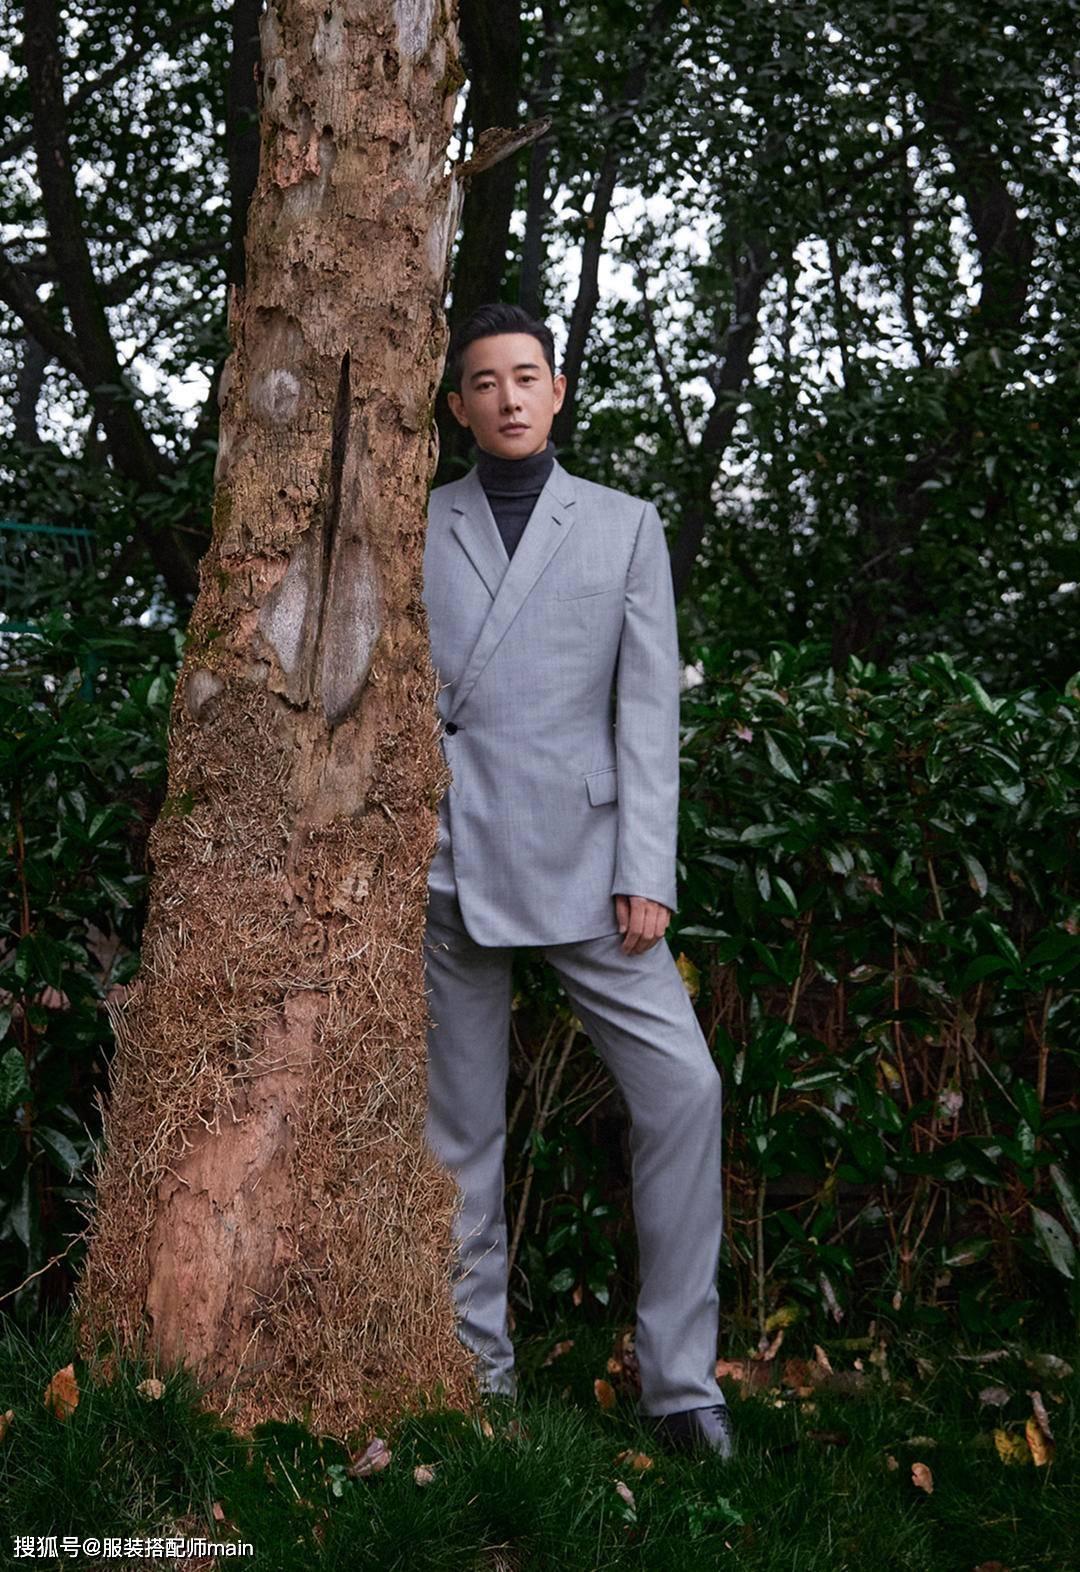 原创             跨界的罗晋型男范十足,灰西装配高领毛衣绅士帅气,行走的荷尔蒙